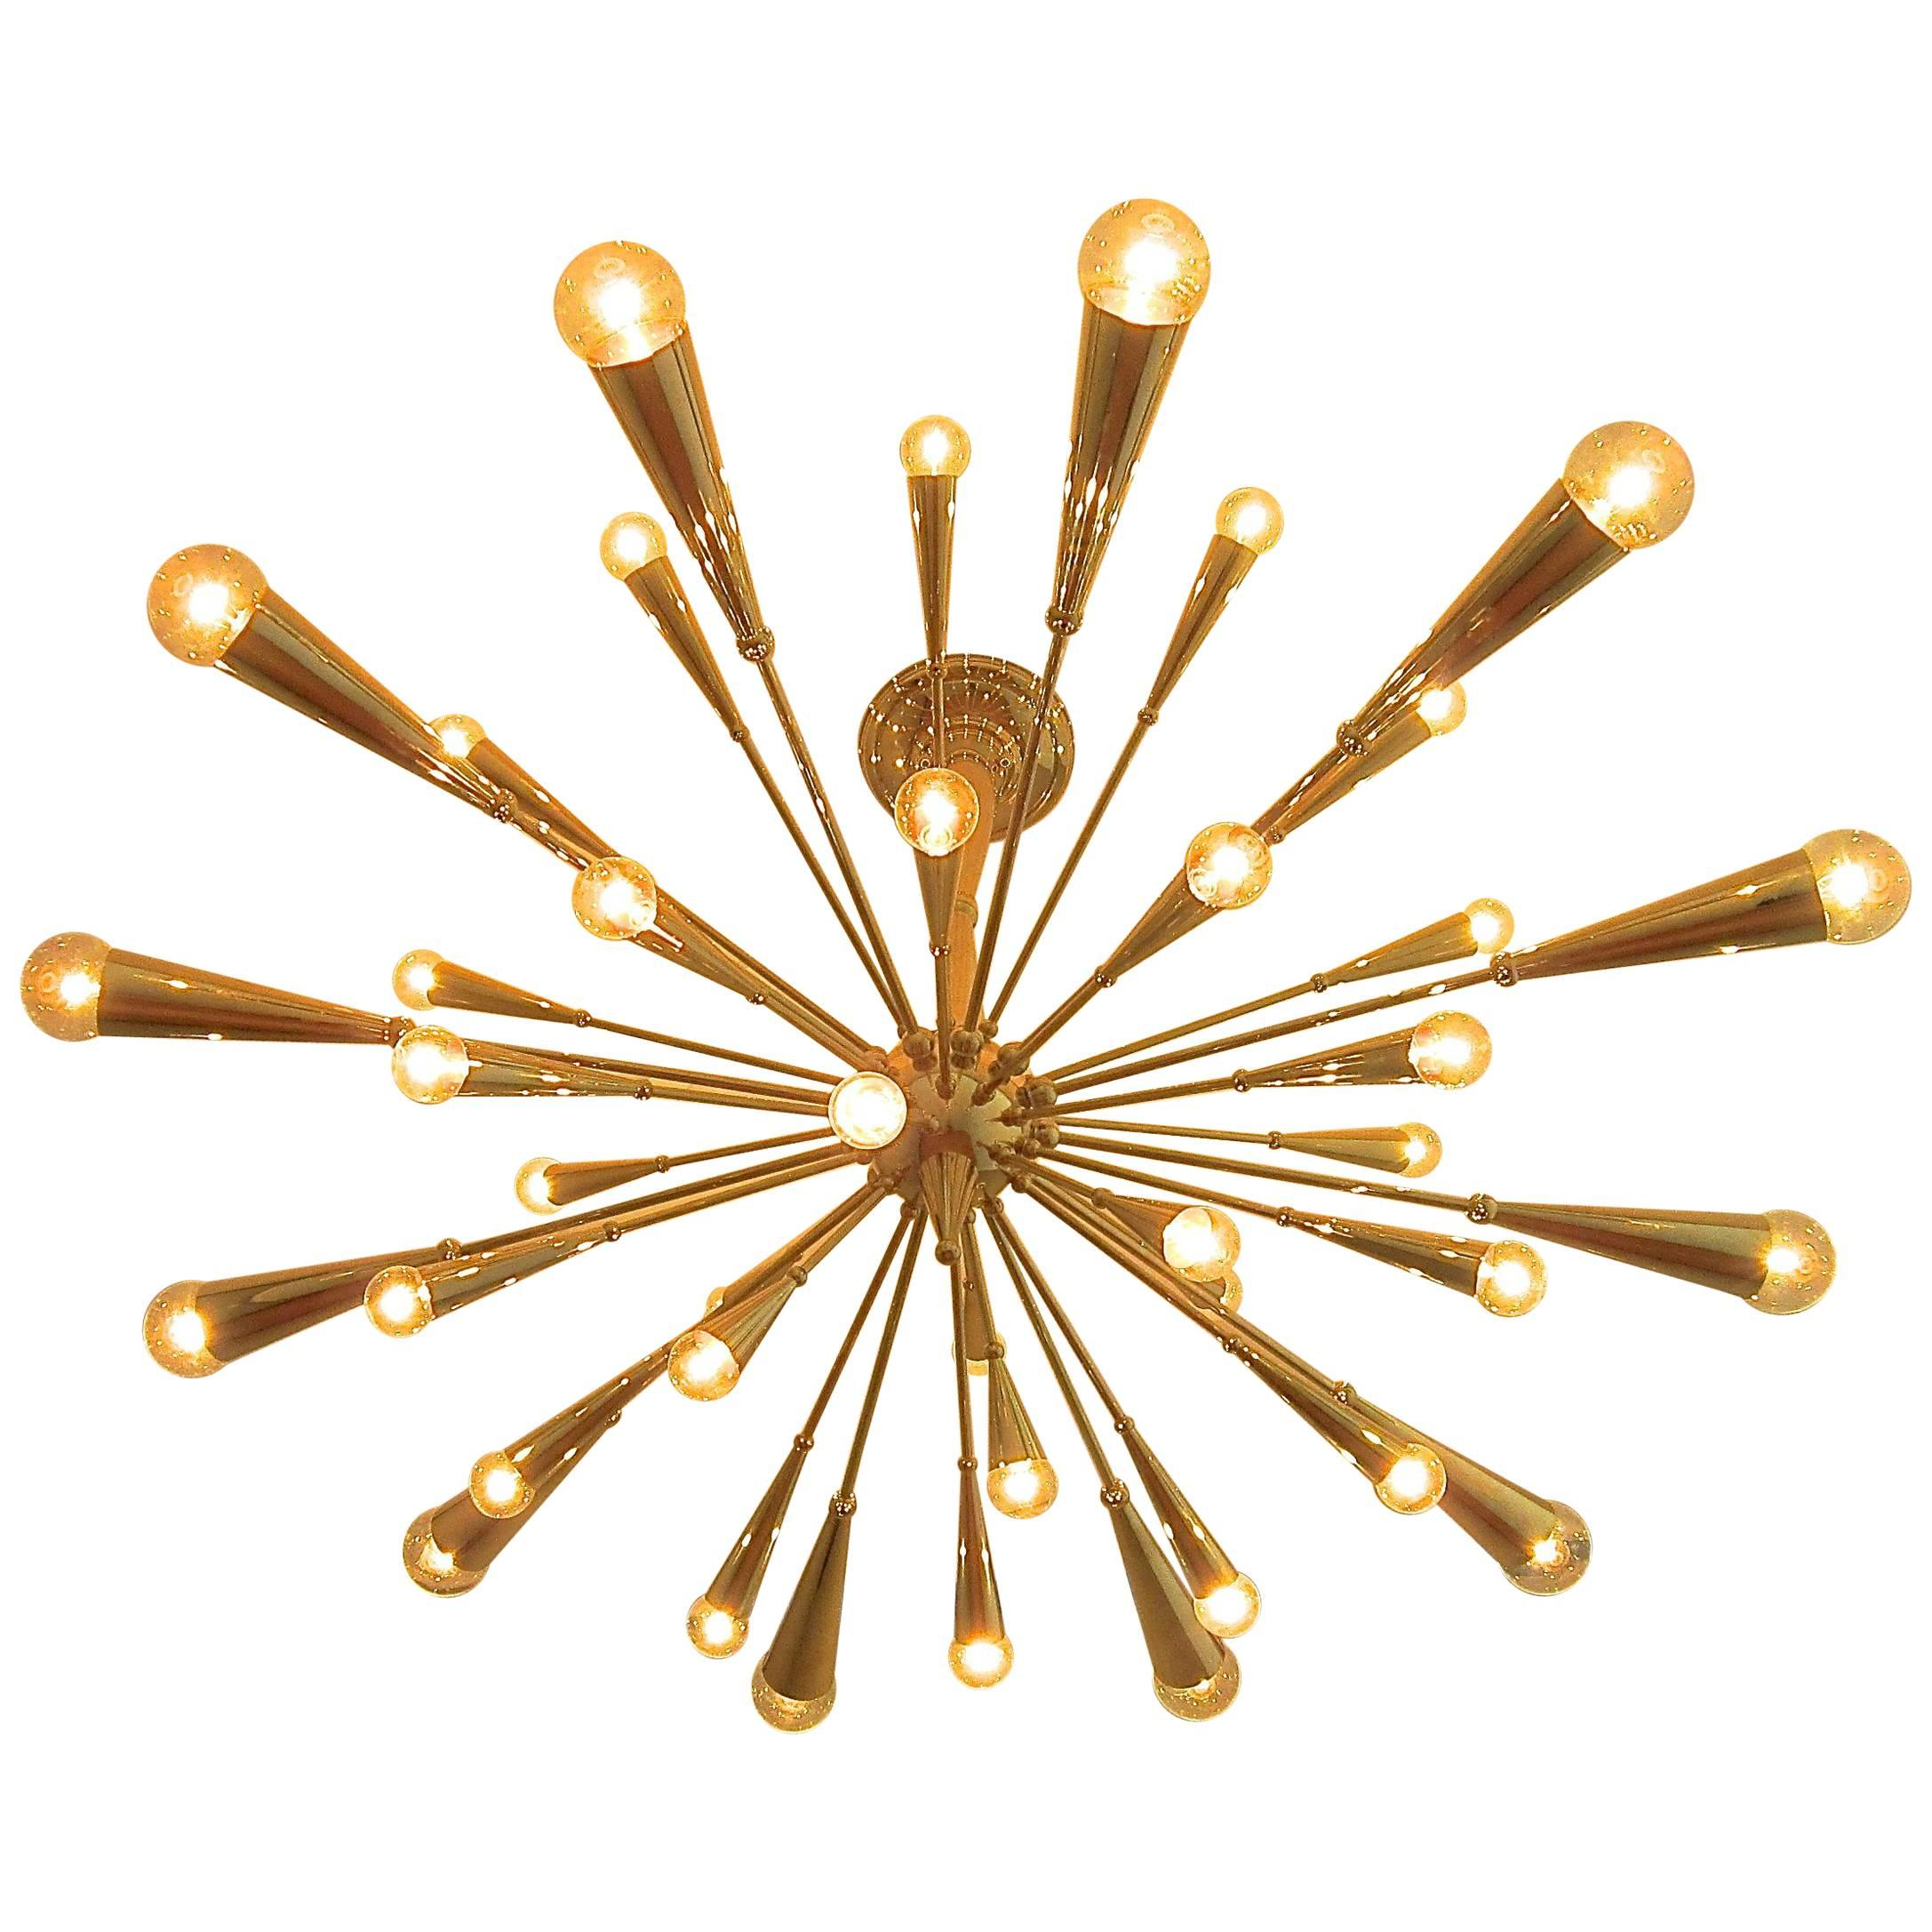 24-Karat Gold Monumental Sputnik Chandelier